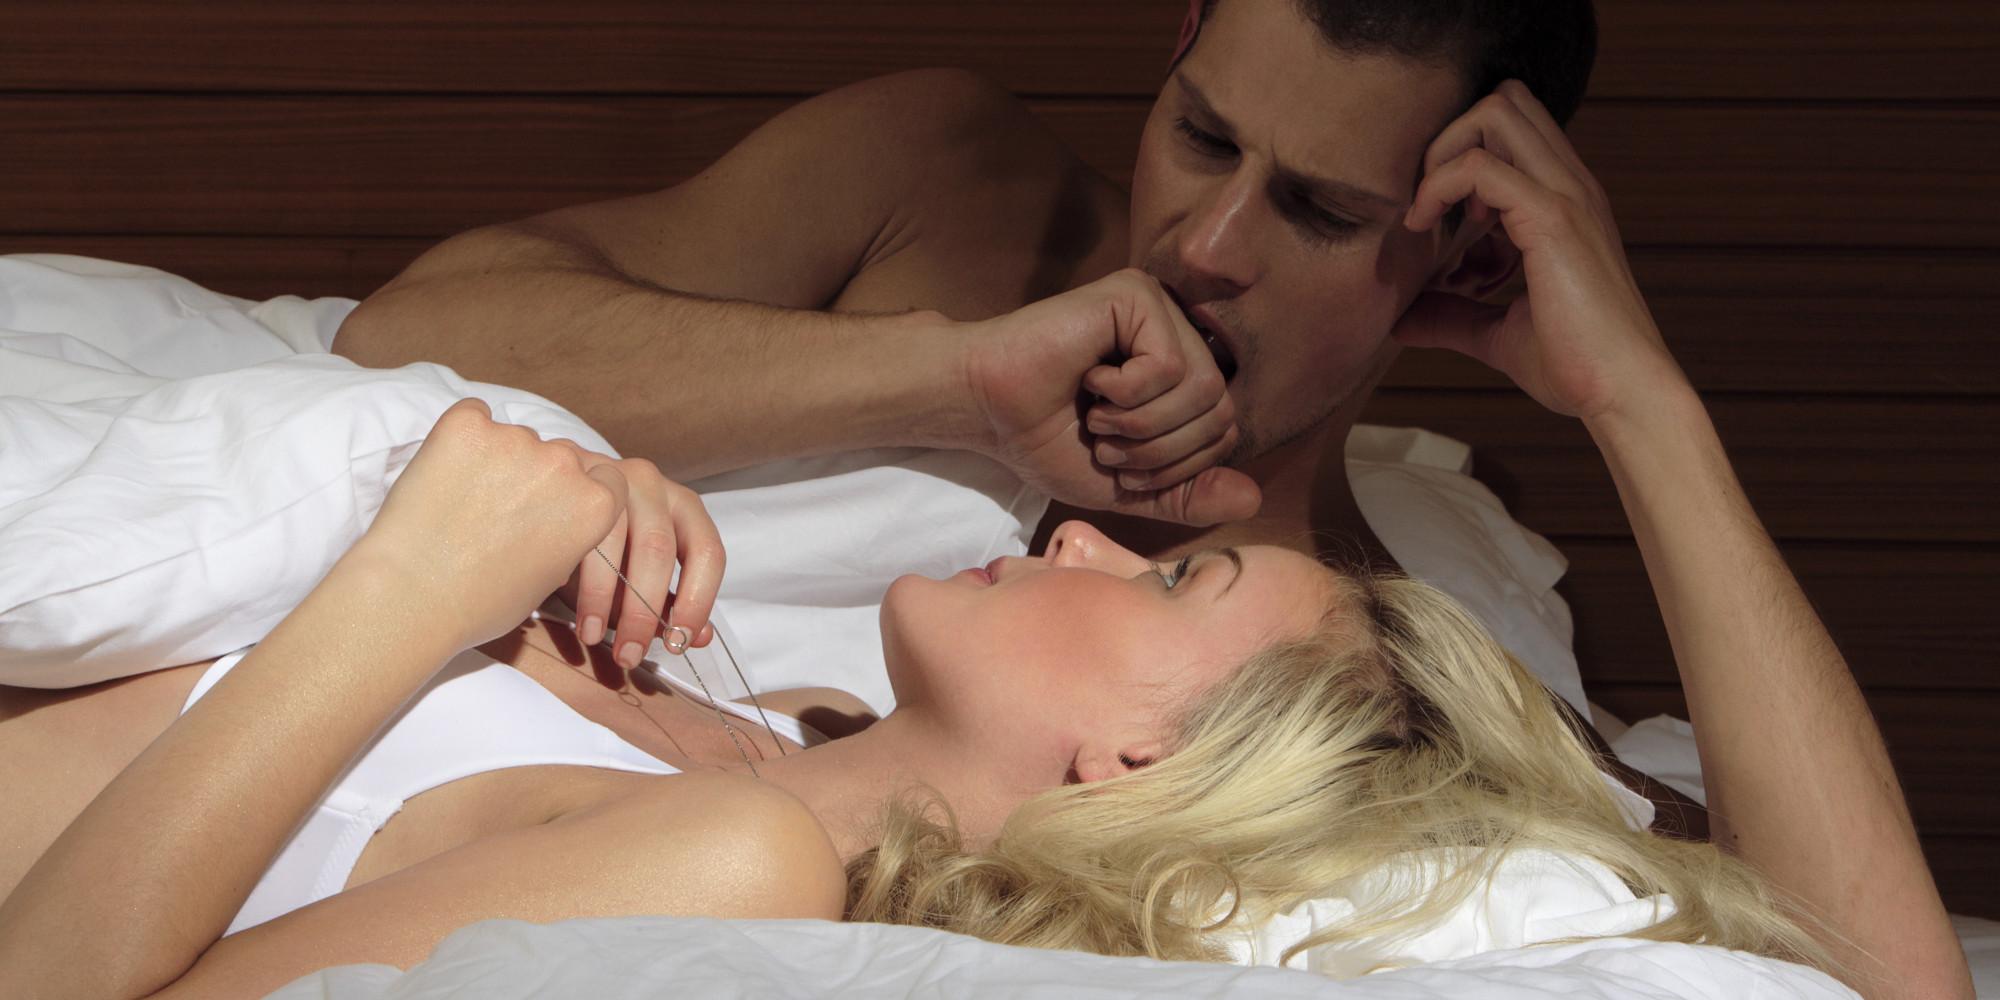 Секс с Пьяными Порно Видео Смотреть Онлайн Бесплатно